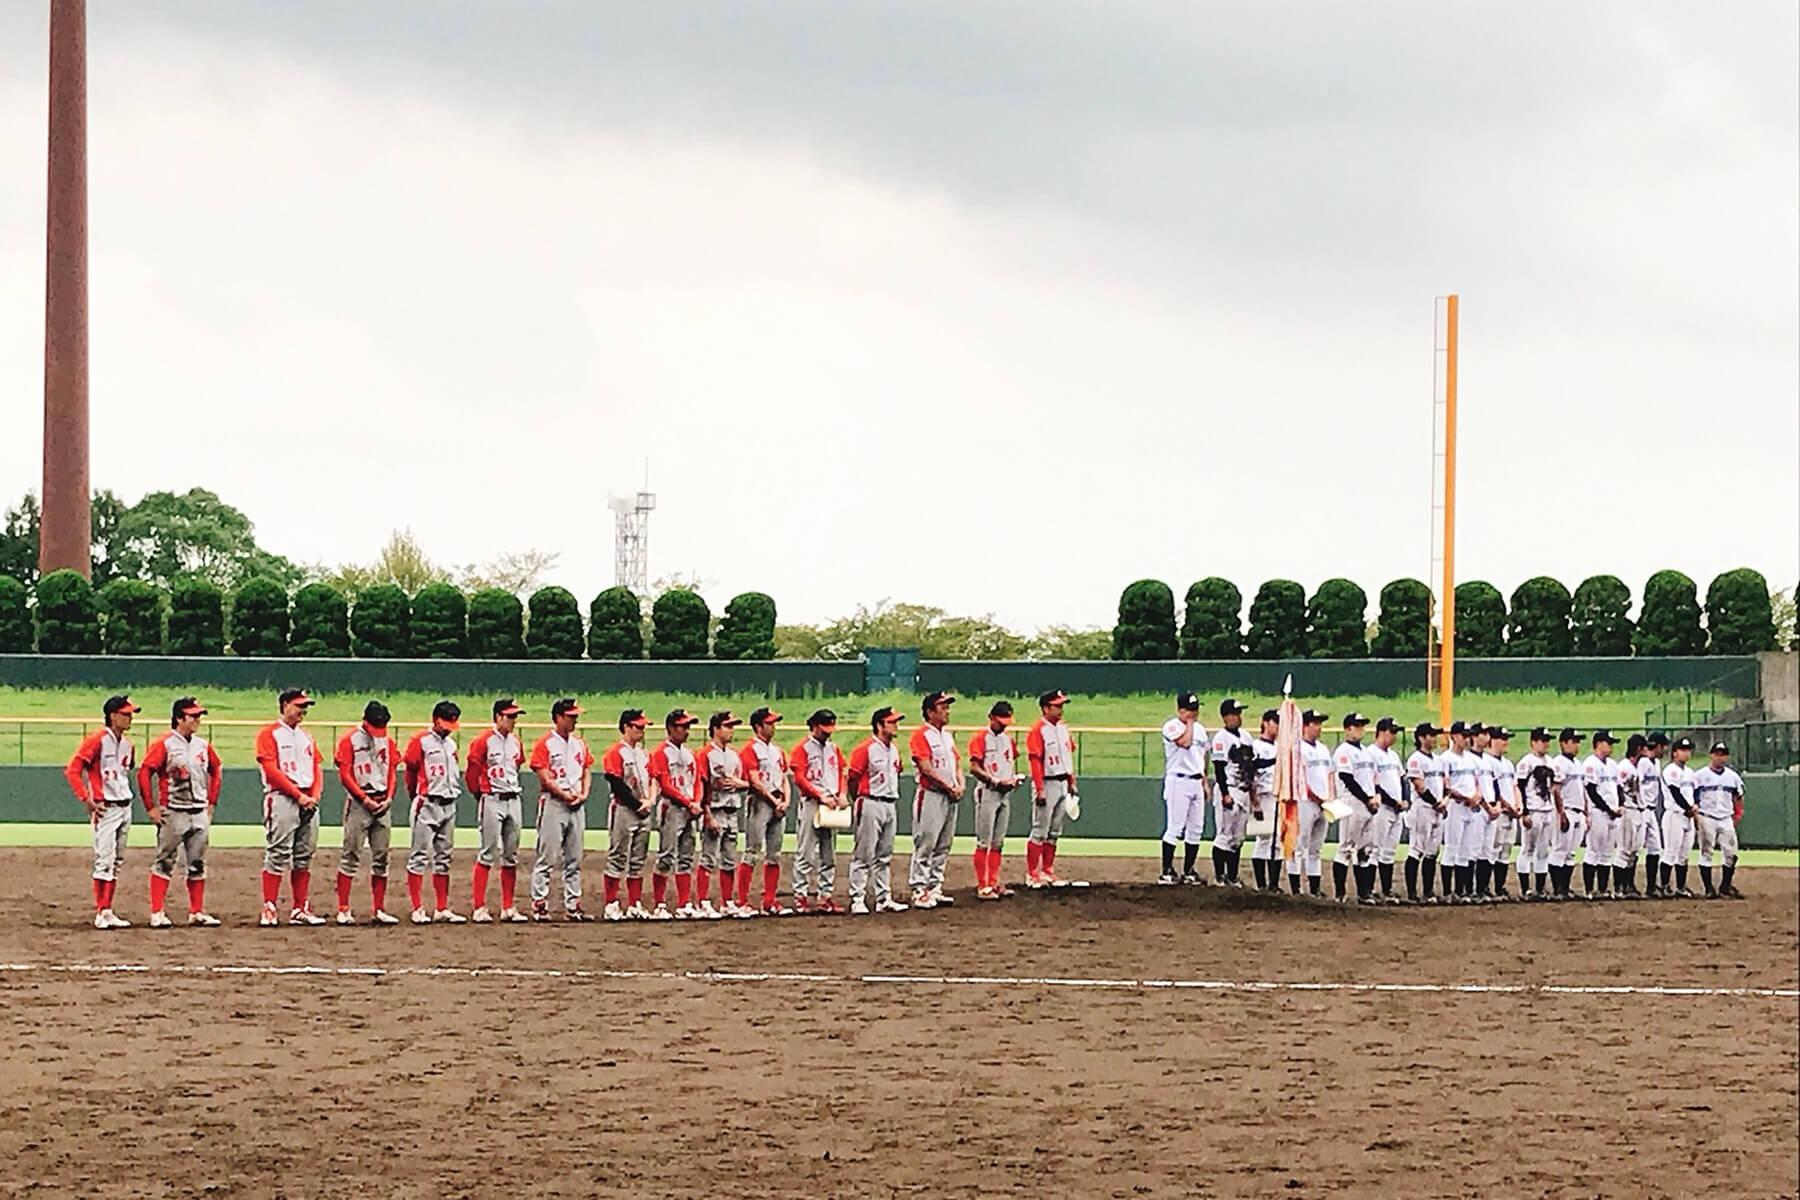 第56回佐賀県アマチュア野球王座決定戦大会の決勝、朝日I&Rクラブ武雄は惜しくも1-5で準優勝に終わりました。